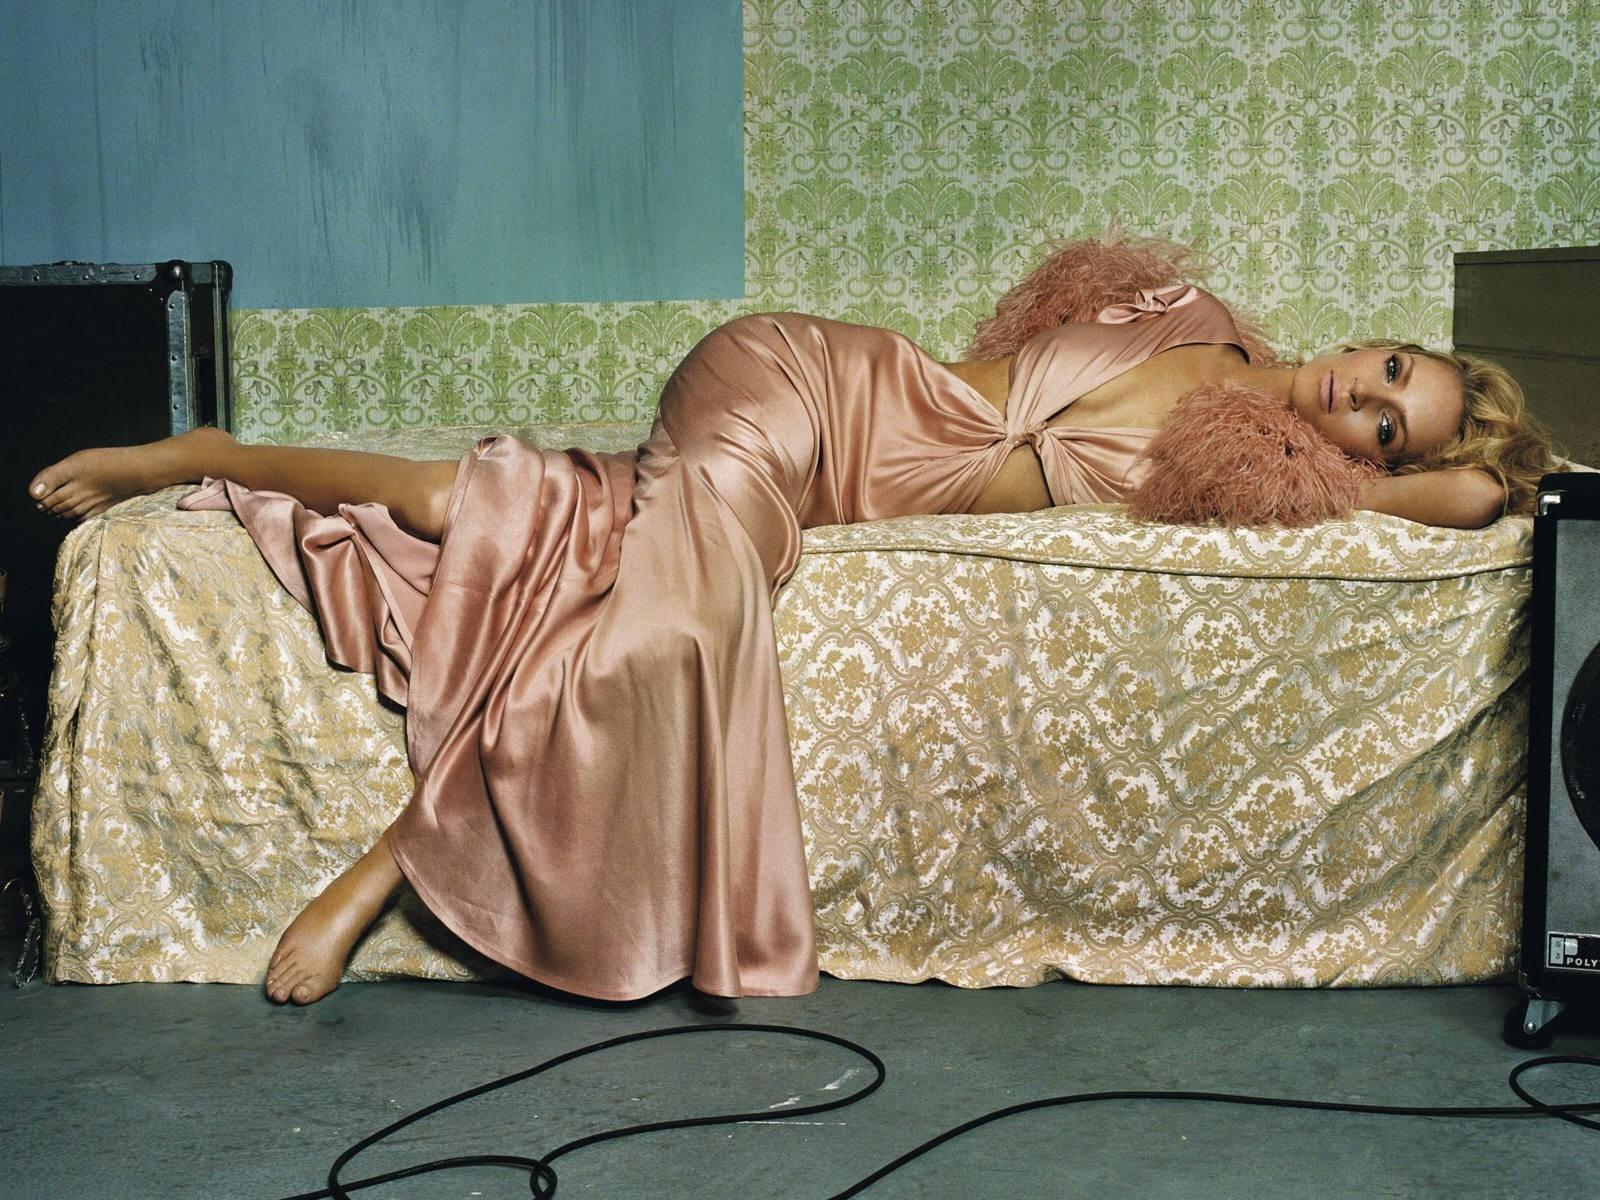 Wallpaper: una posa seducente per Uma Thurman